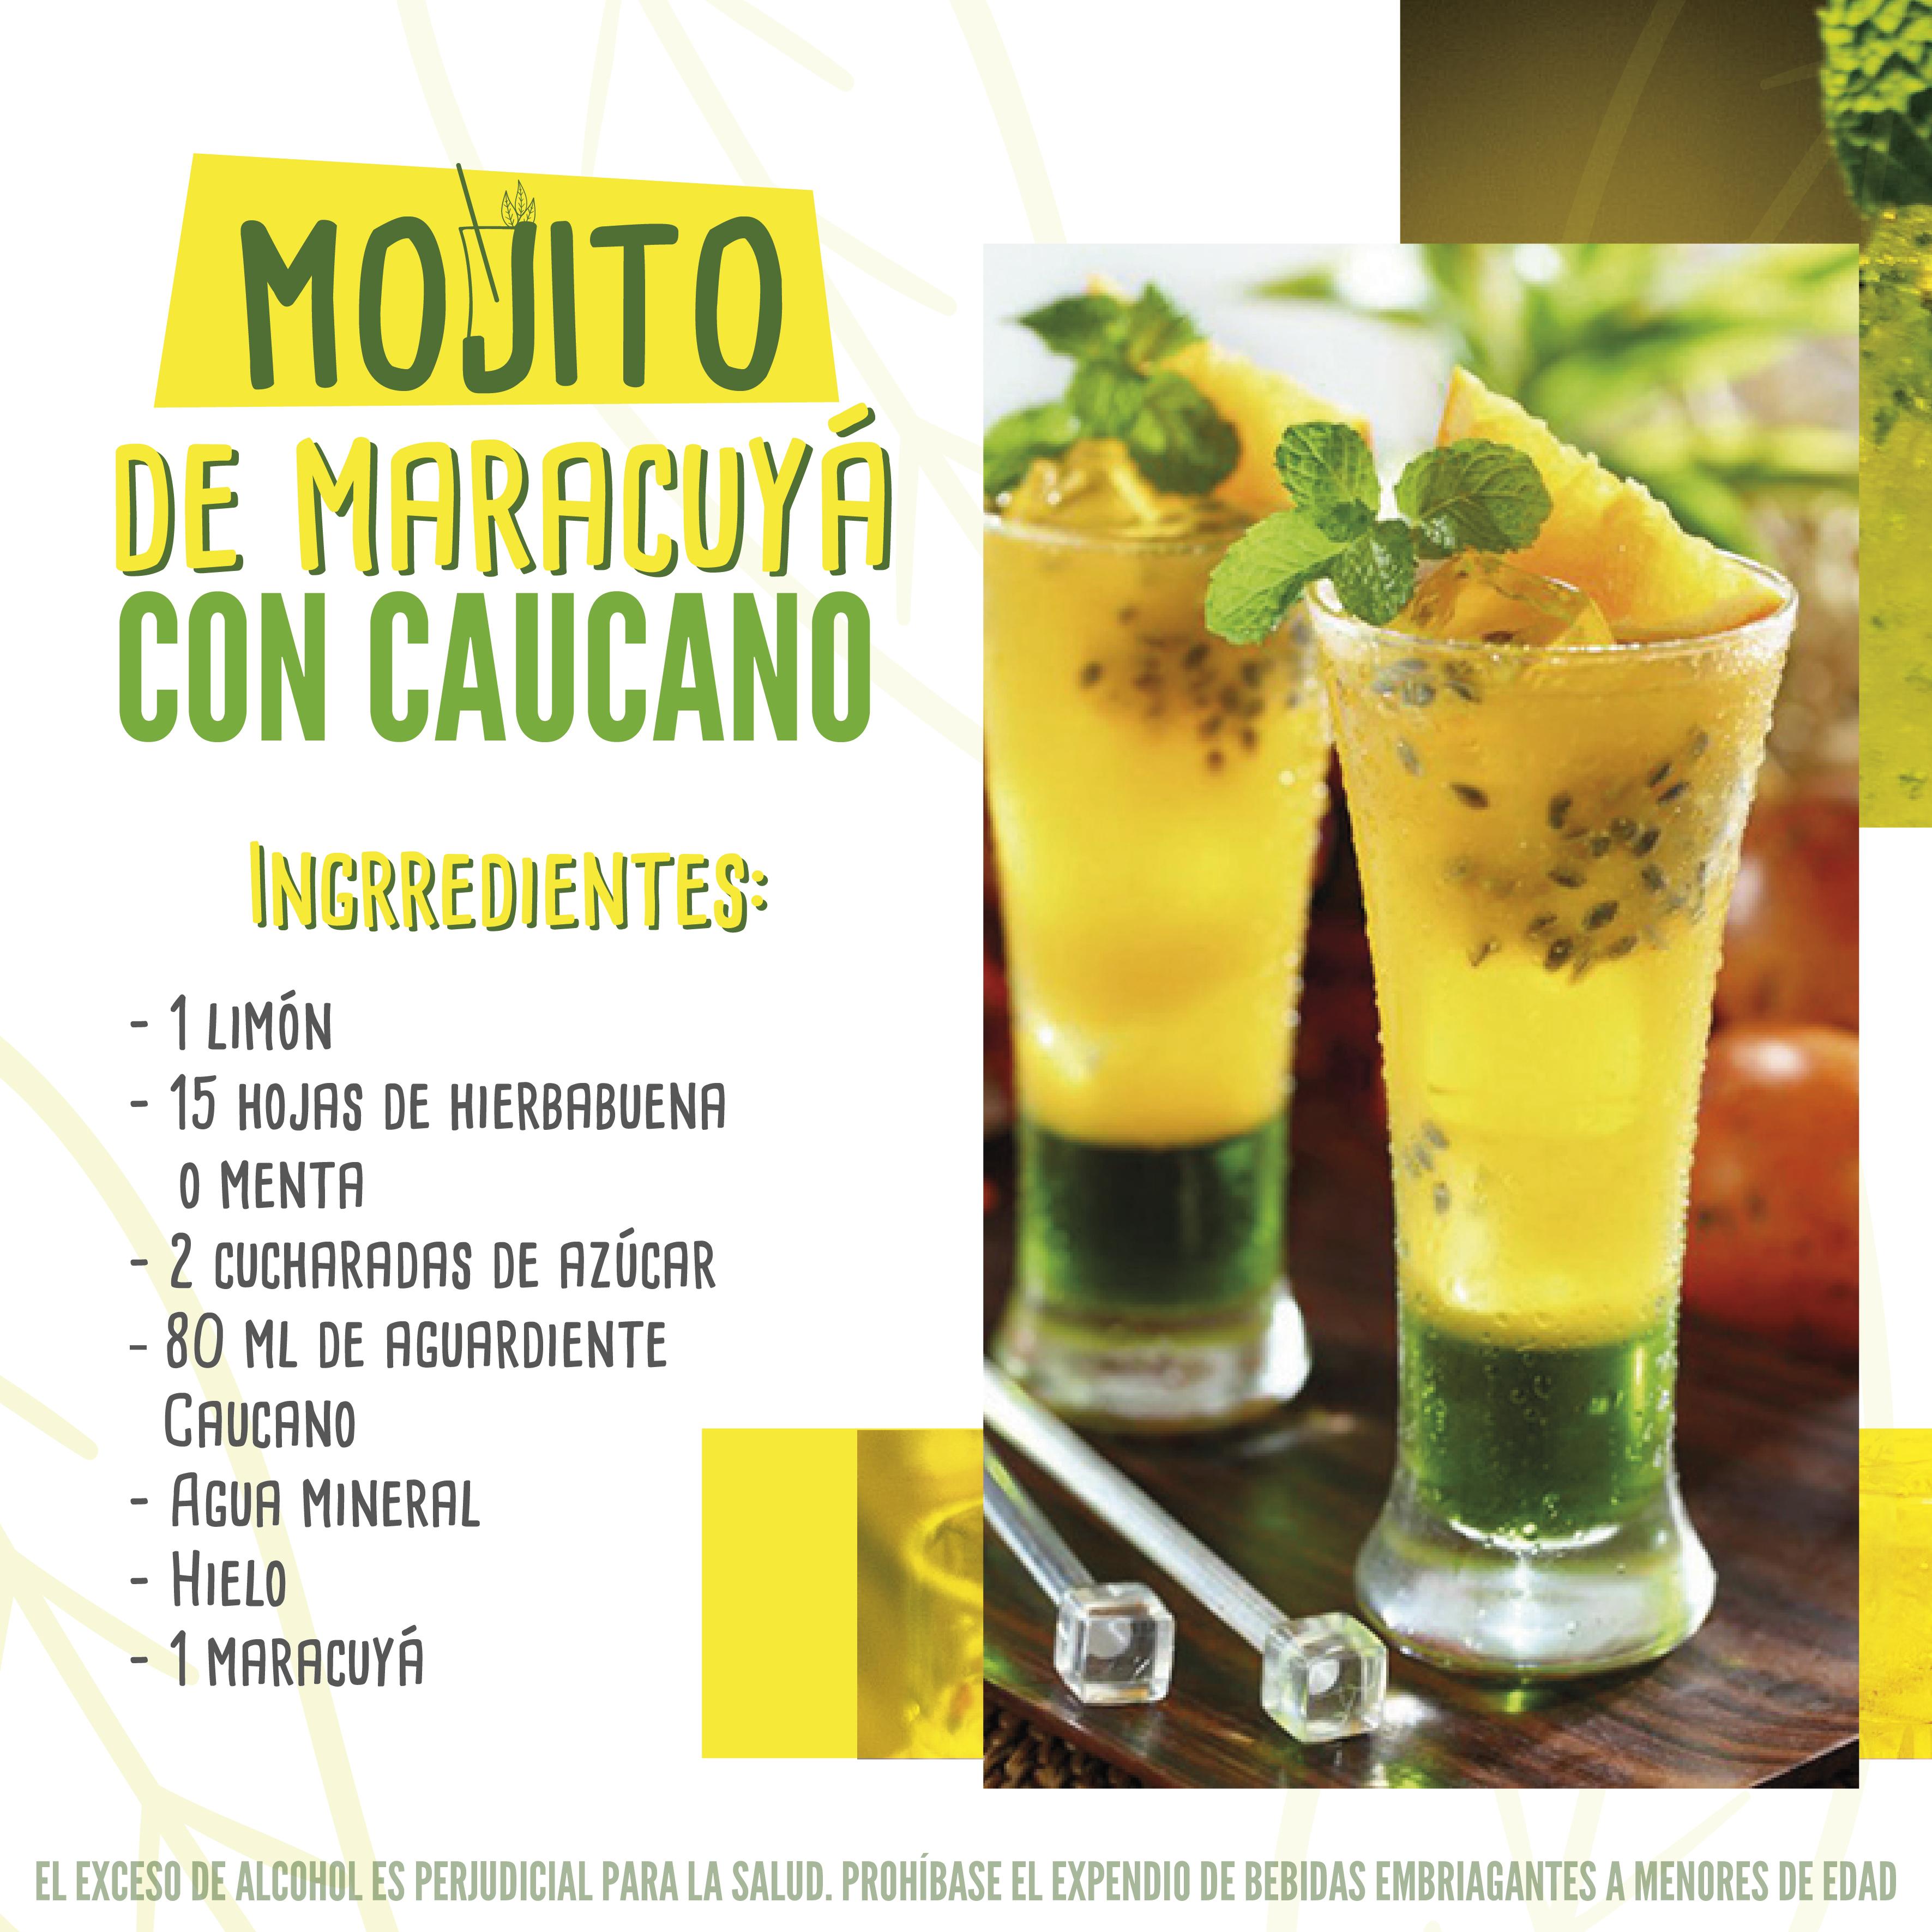 Mojito de Maracuyá con Aguardiente